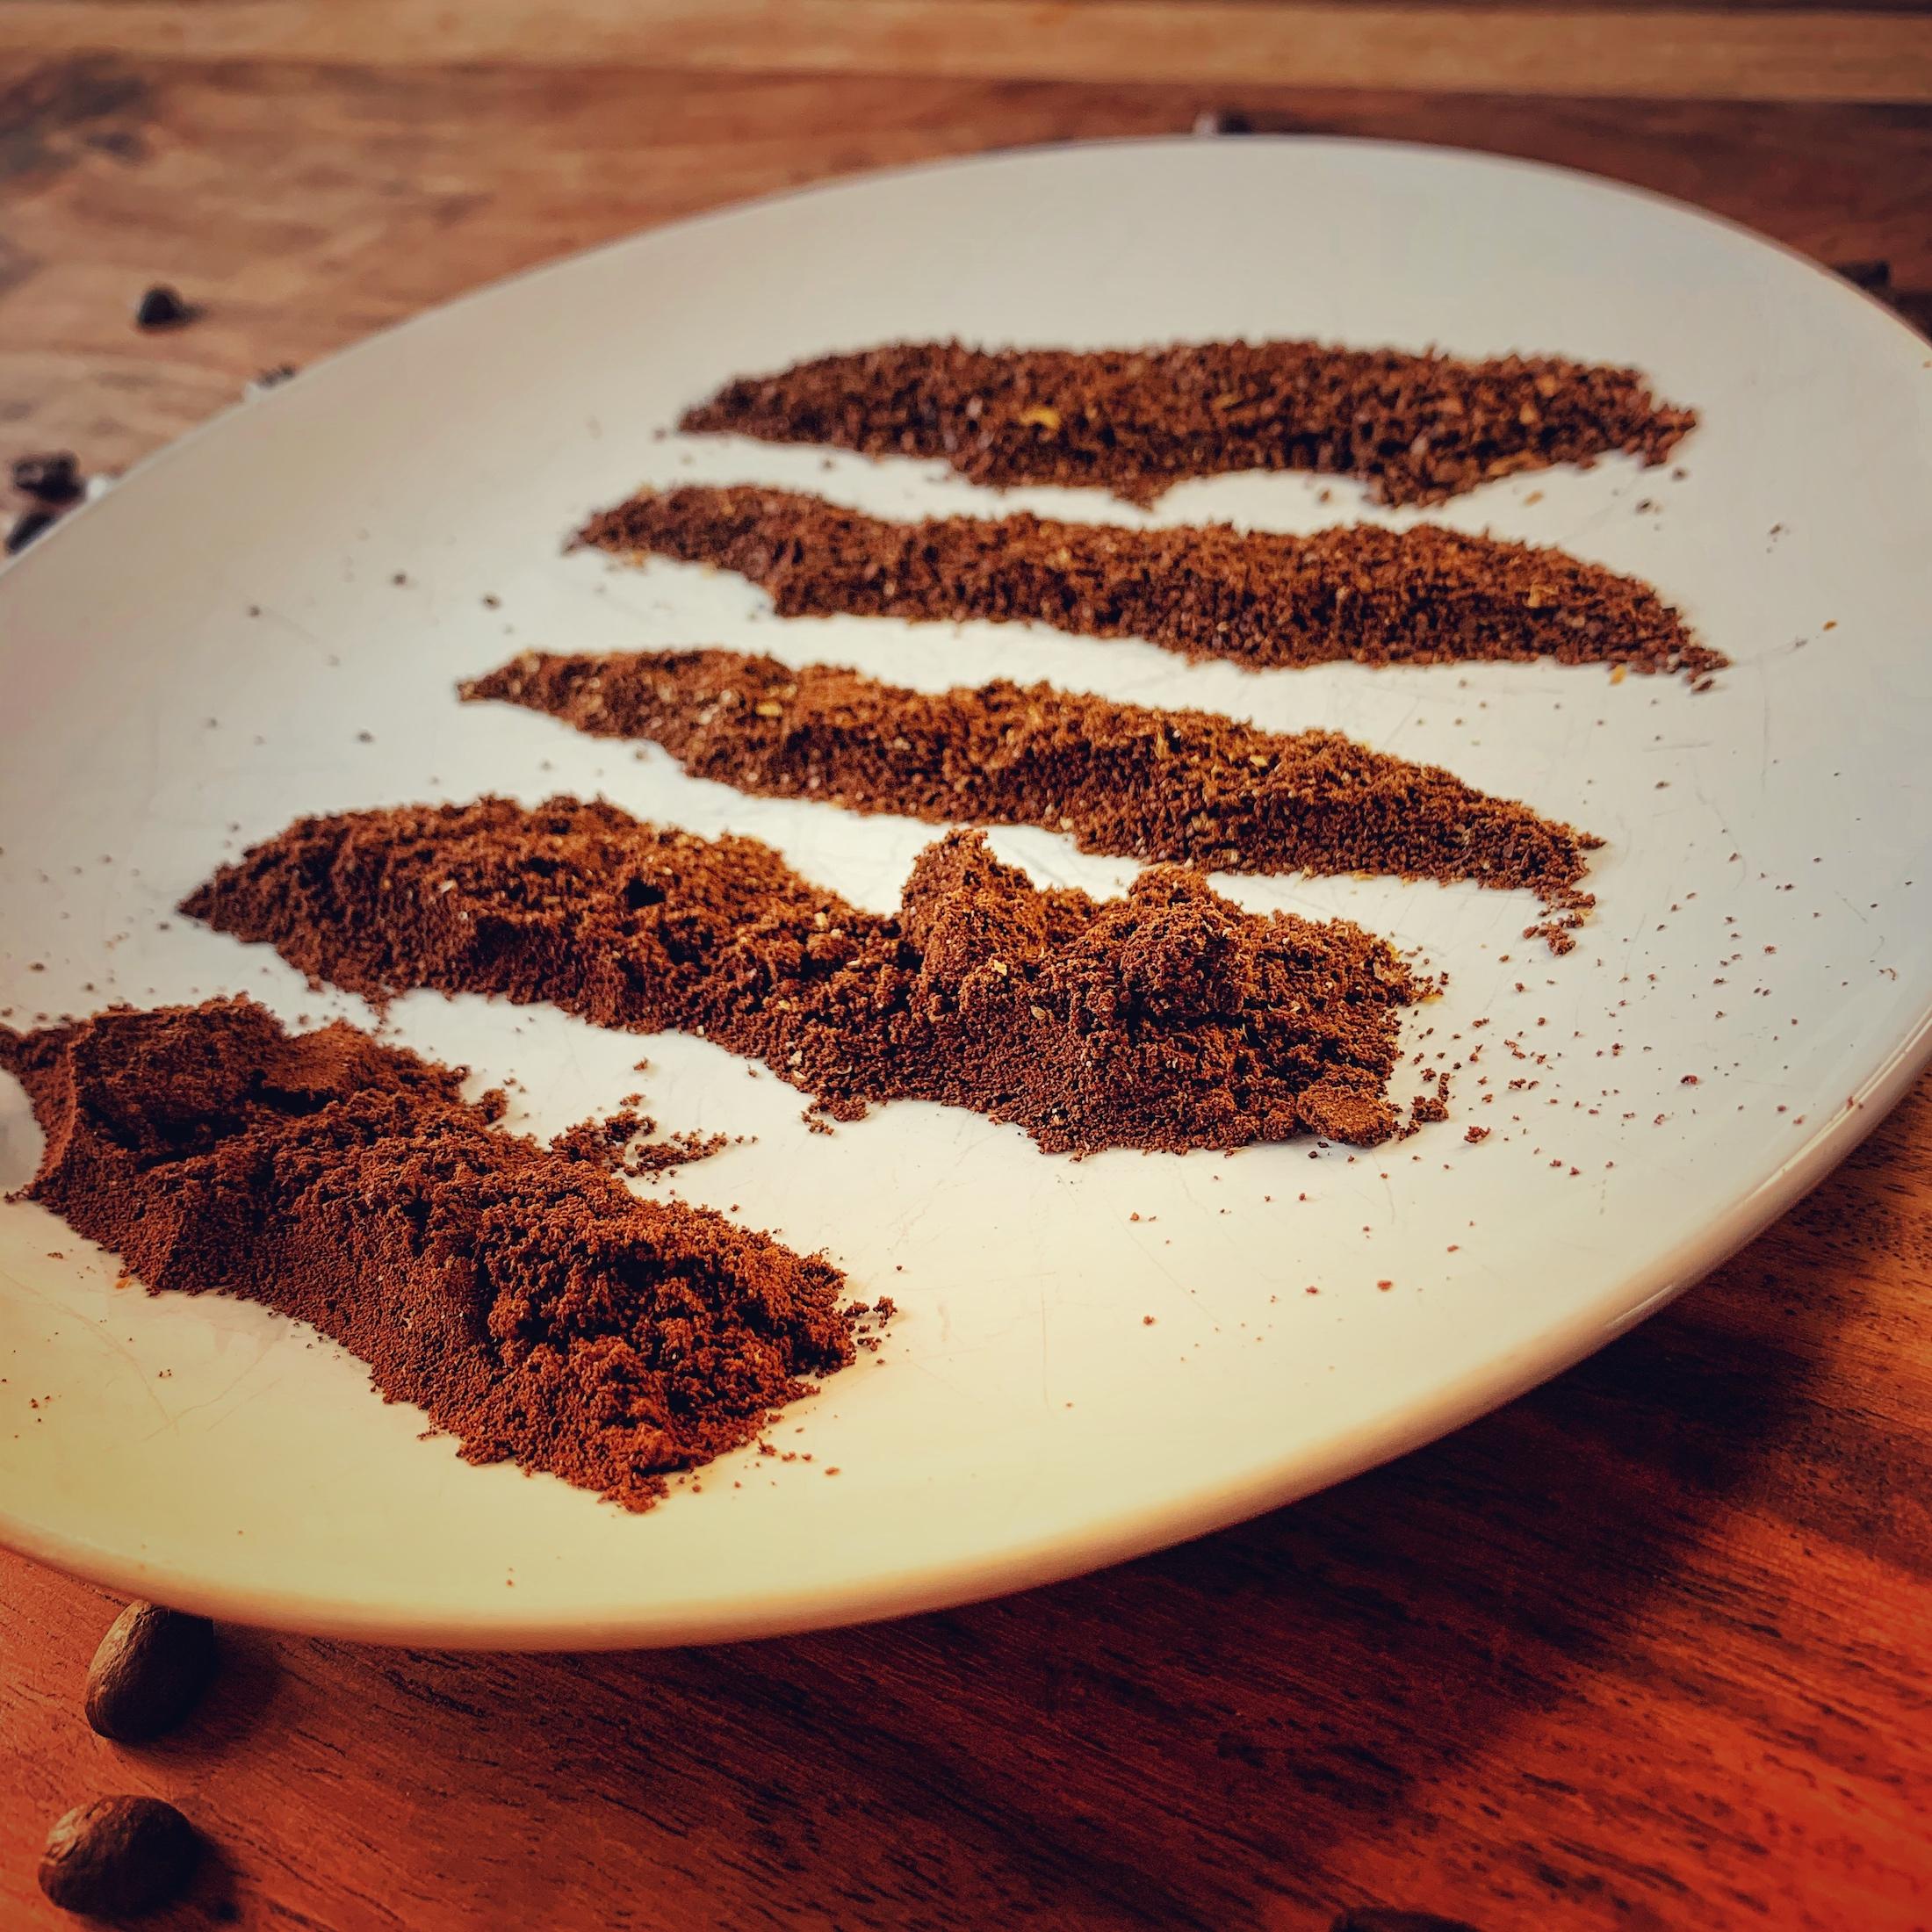 Ein weißer Teller auf einem dunklen Holztisch. Um ihn herum liegen vereinzelt Kaffeebohnen. Wir schauen leicht seitlich auf den Teller und sehen in Reihen nebeneinander verschiedene Stufen von Kaffee Mahlgrad, fein bis grob.